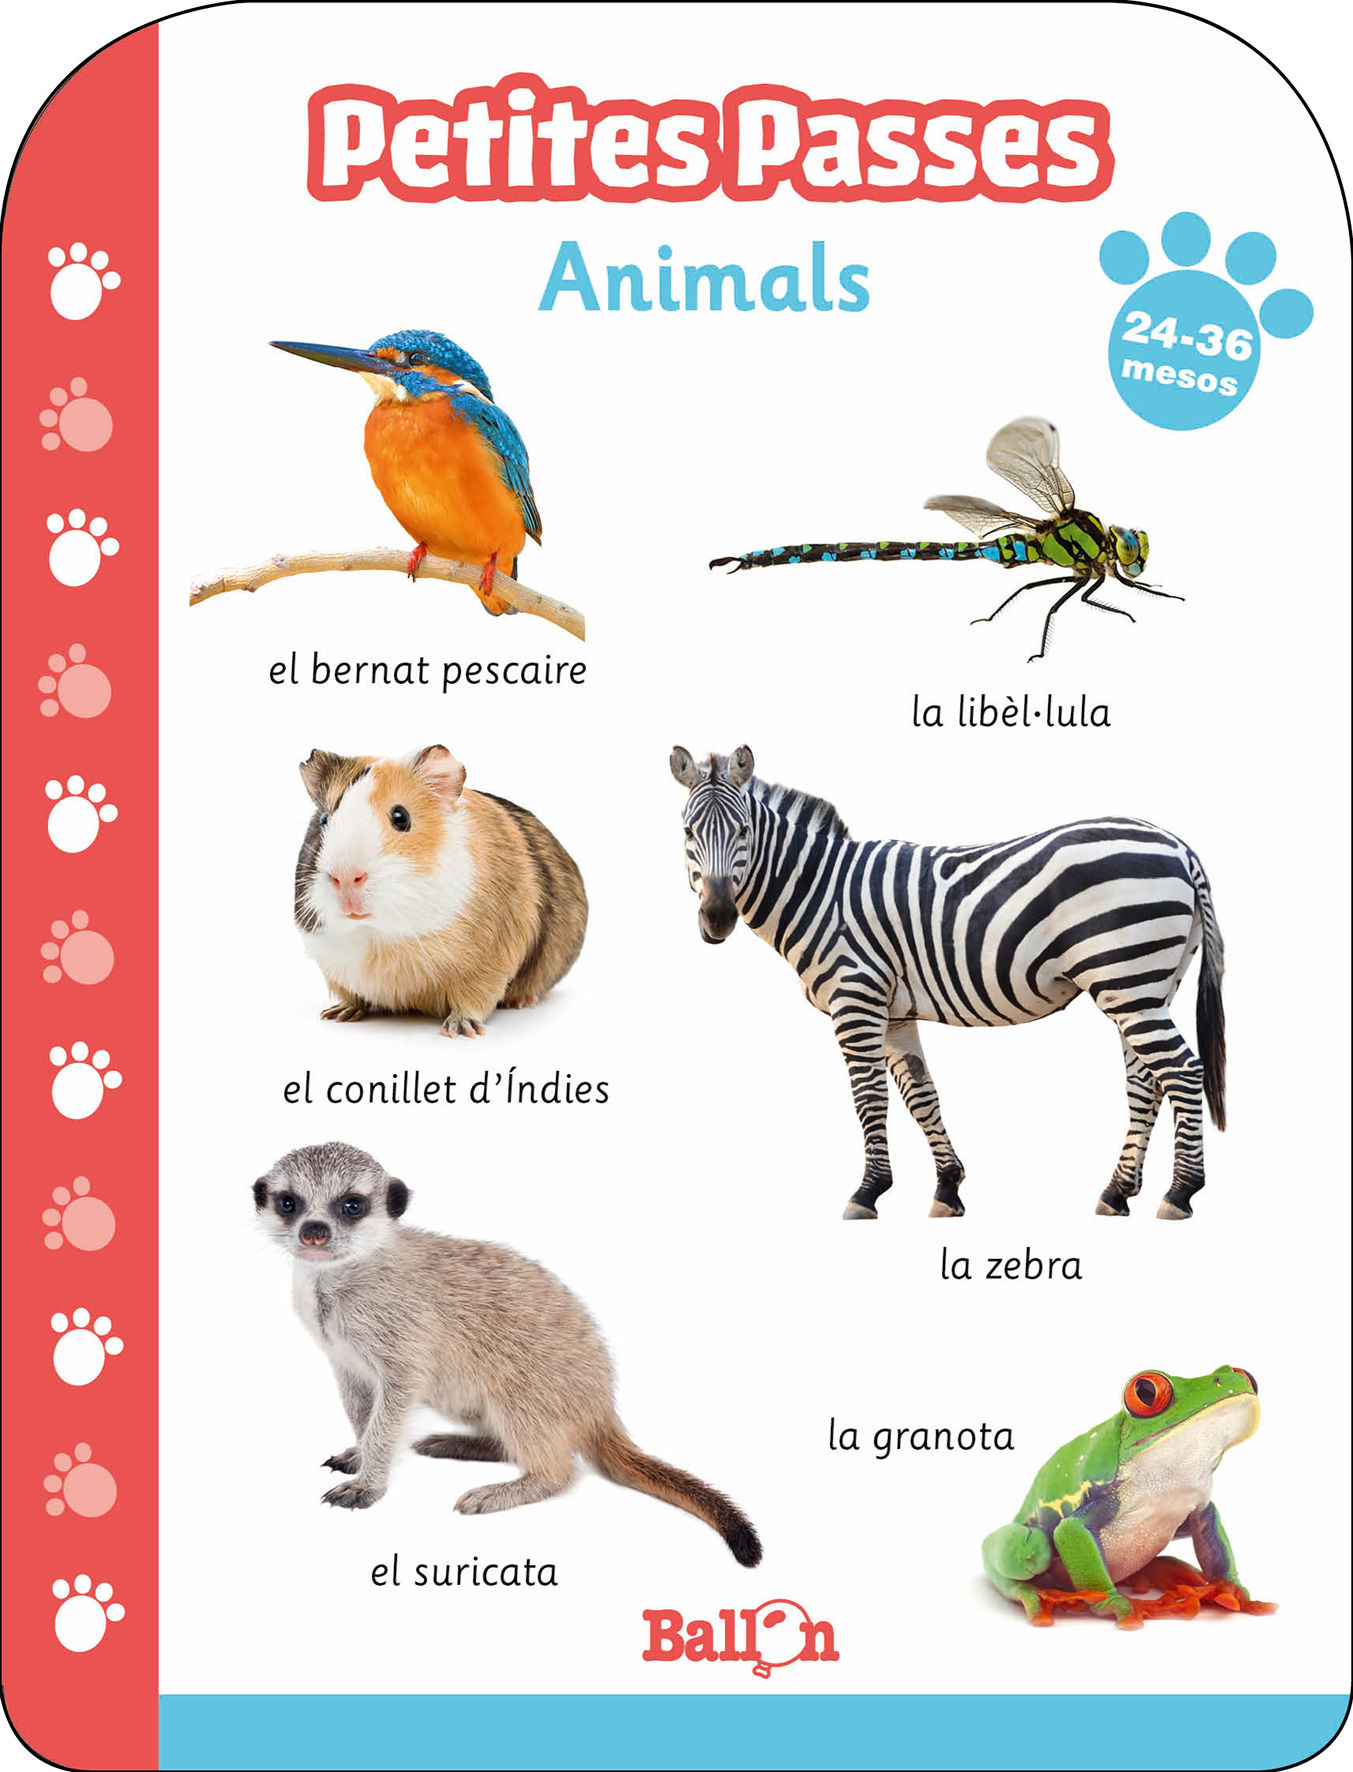 PETITES PASSES - ANIMALS 24-36 MESOS